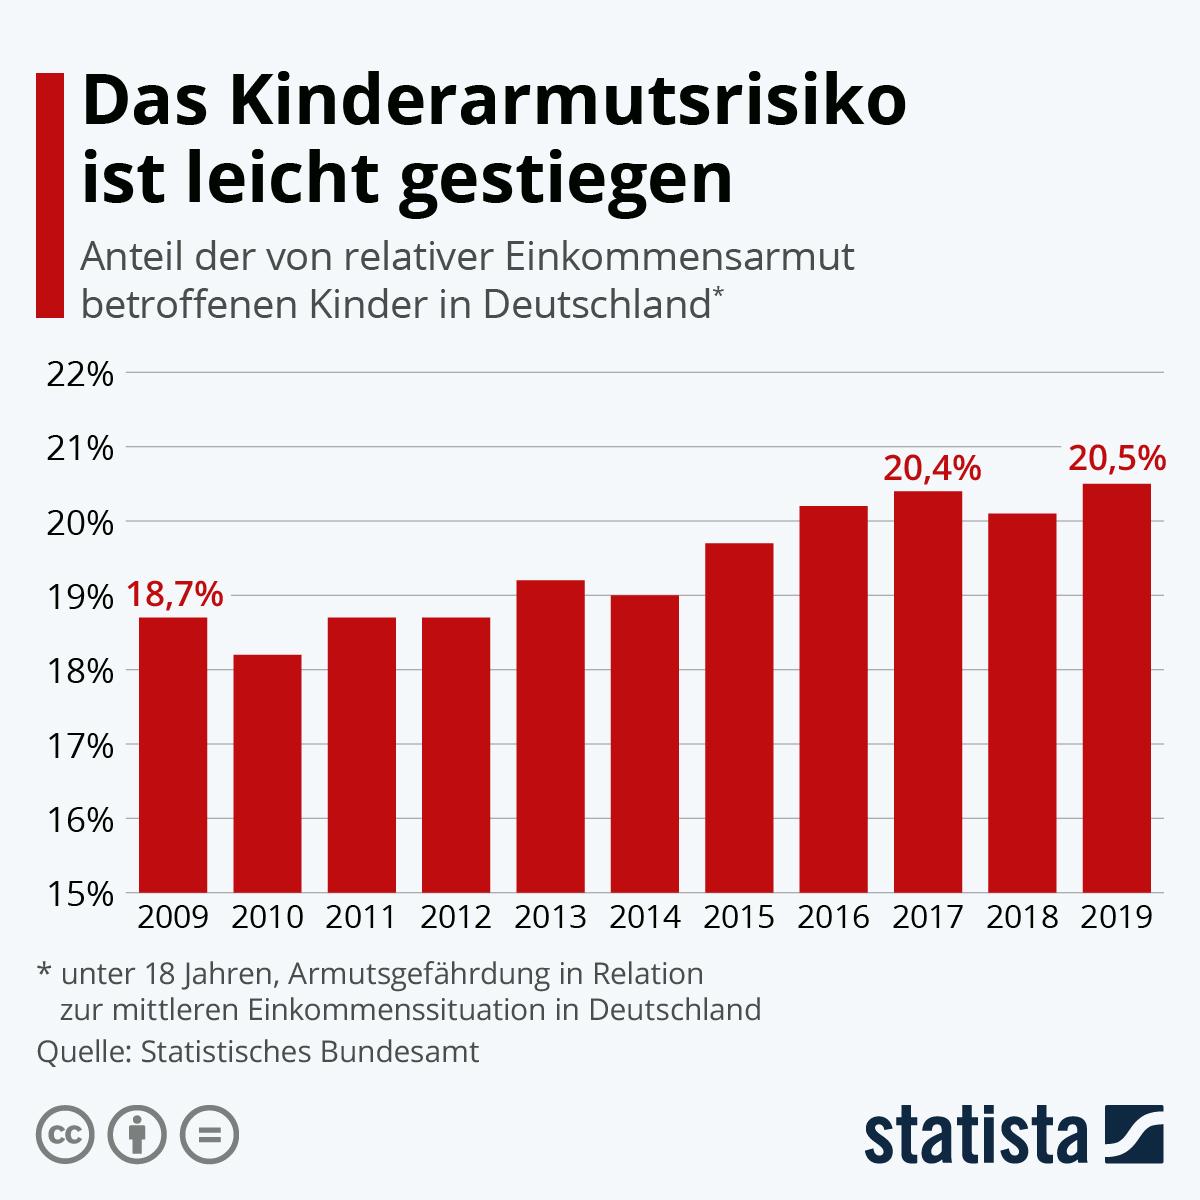 Infografik: Das Kinderarmutsrisiko ist leicht gestiegen | Statista